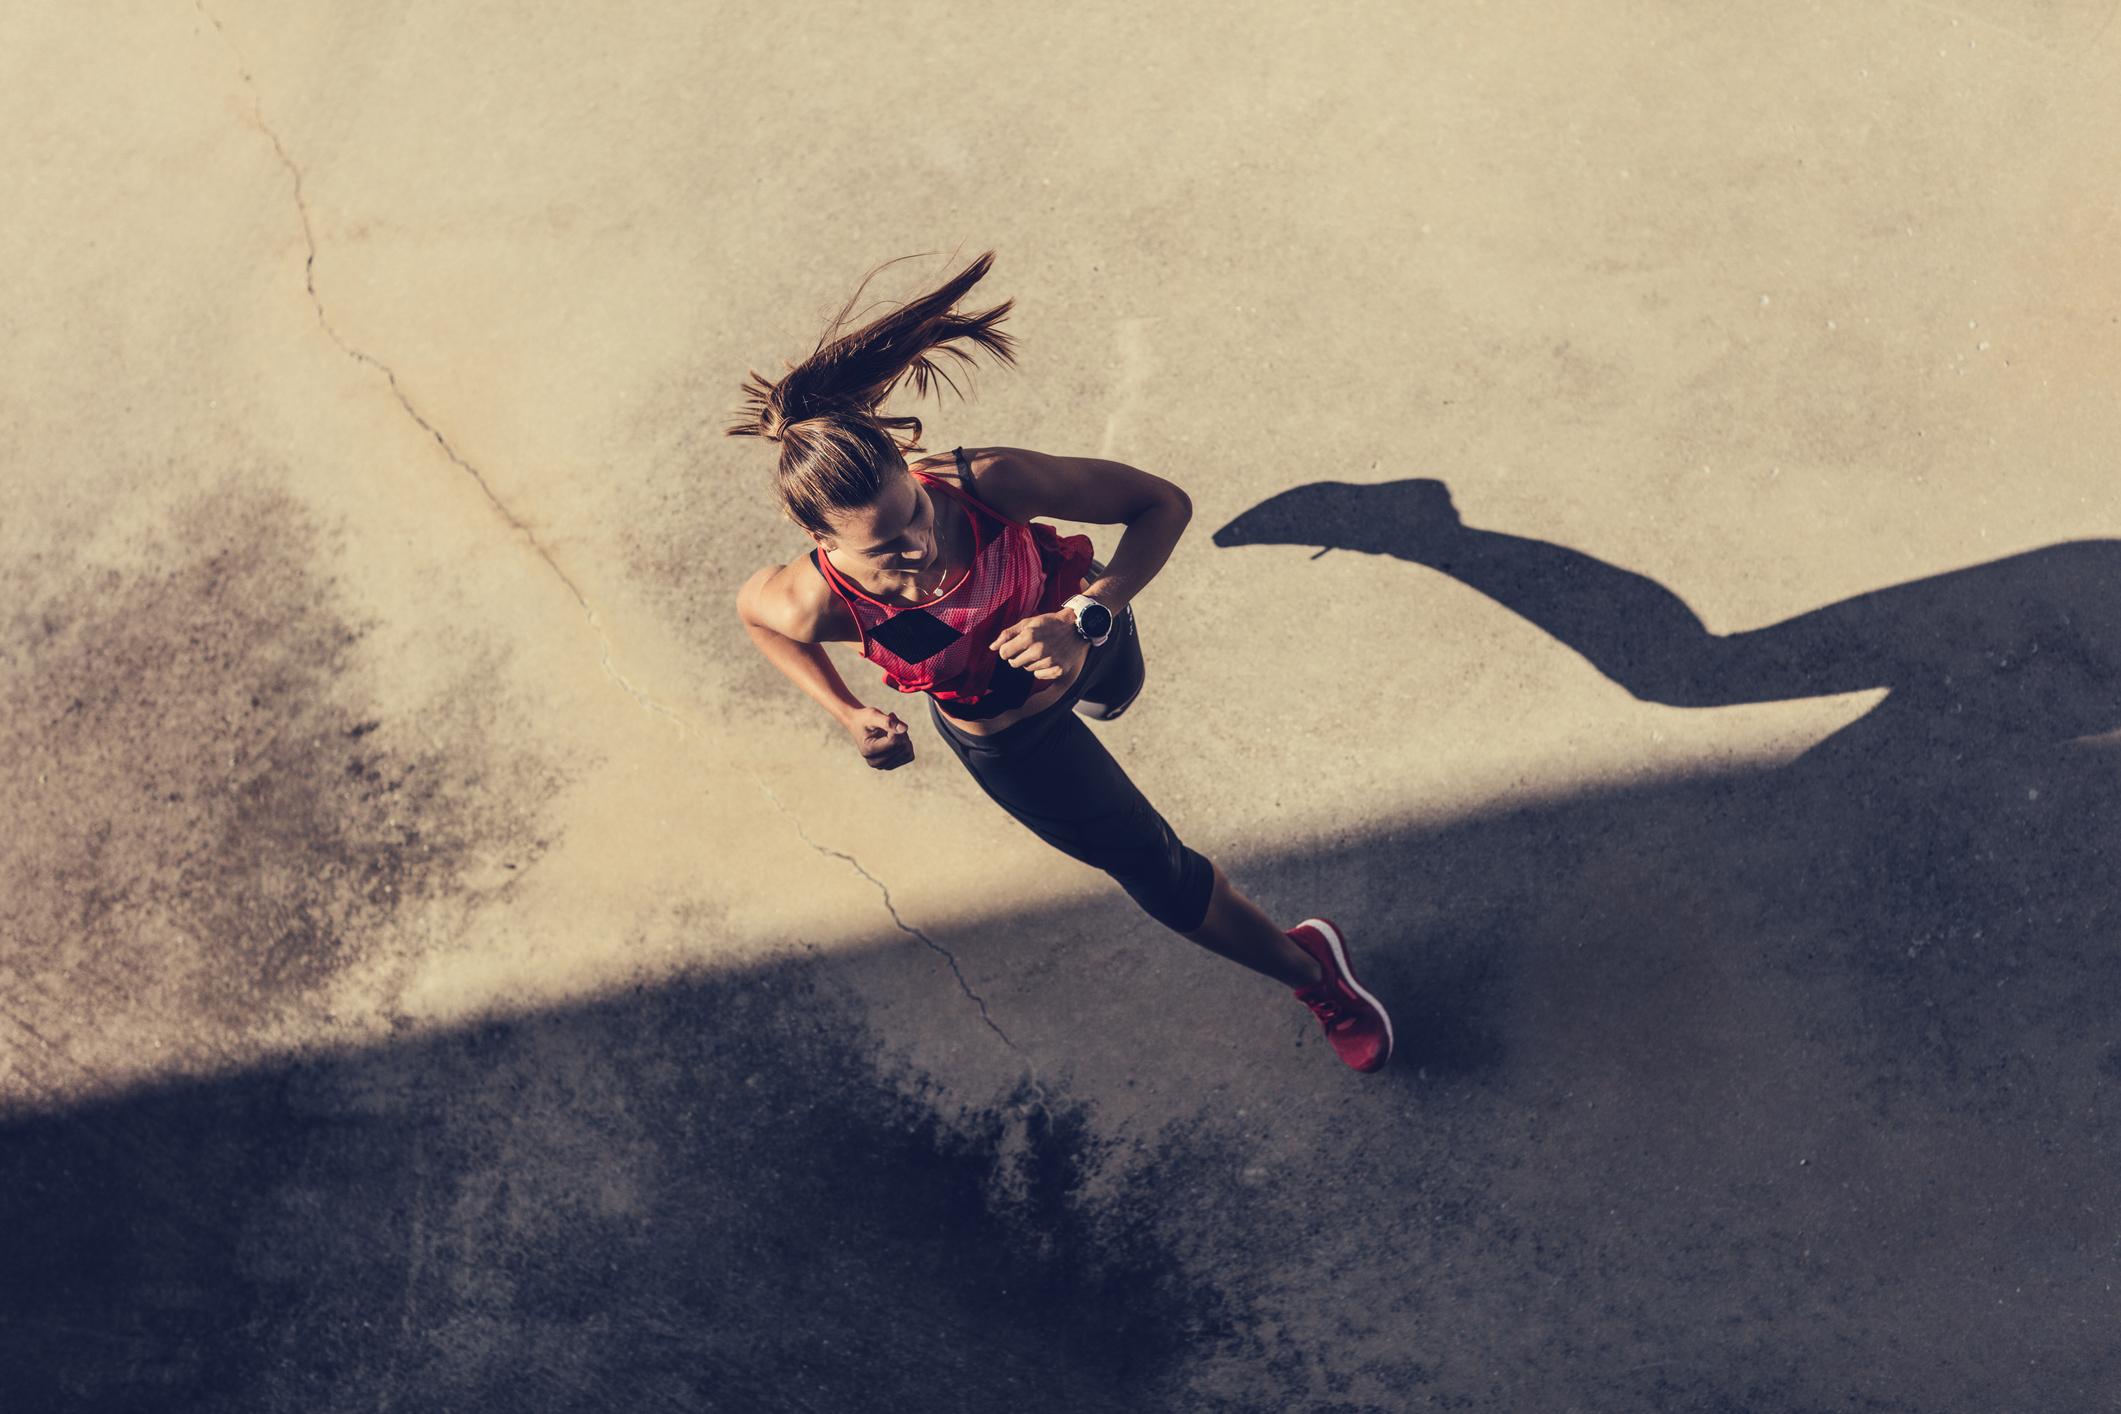 Istraživanje je pokazalo da oni koji redovito trče imaju bolji indeks tjelesne mase, niži postotak masti u tijelu i manji opseg bokova.